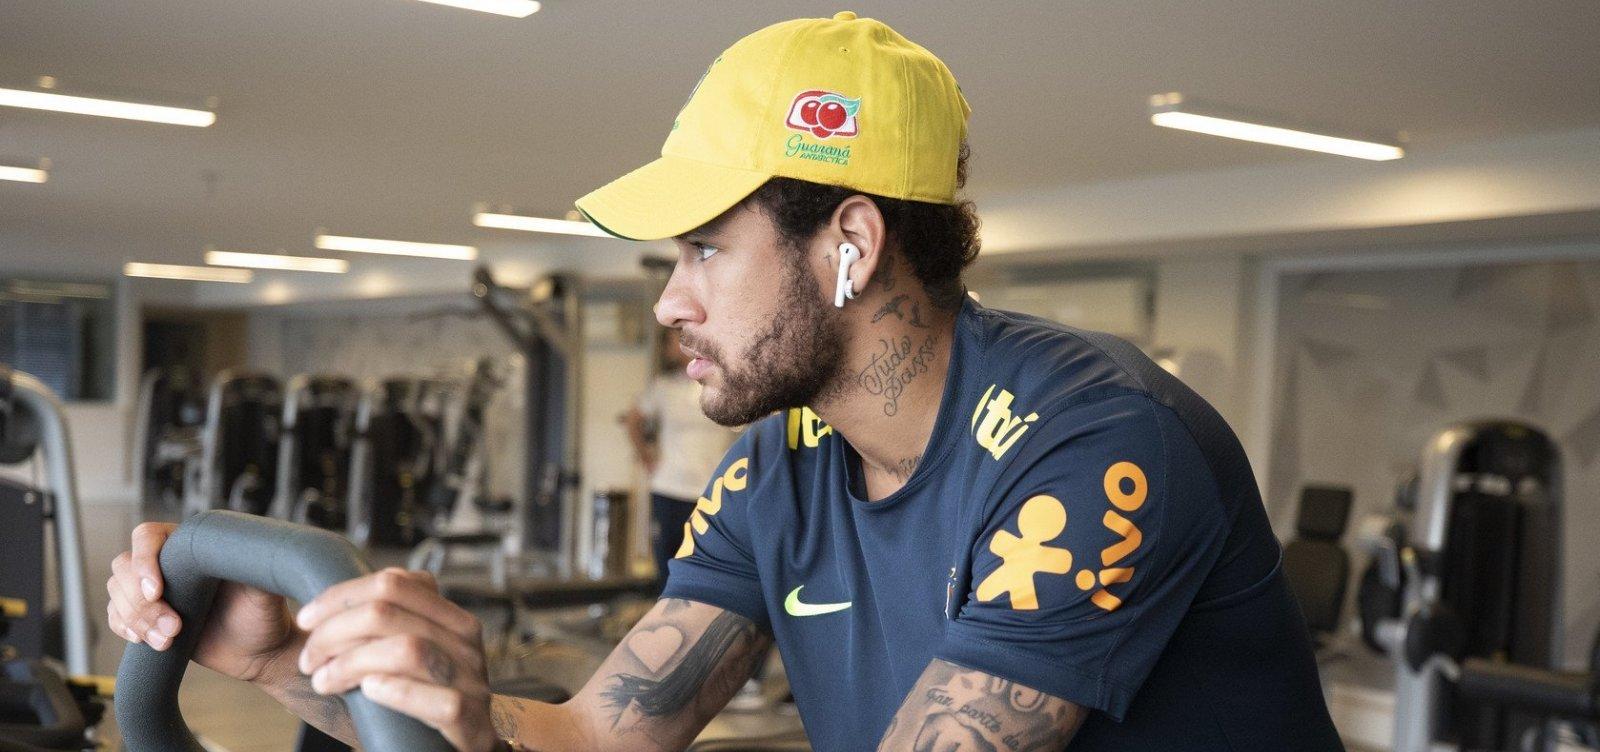 [Mulher que acusa Neymar de estupro entregou imagens e 'dossiê' à polícia]